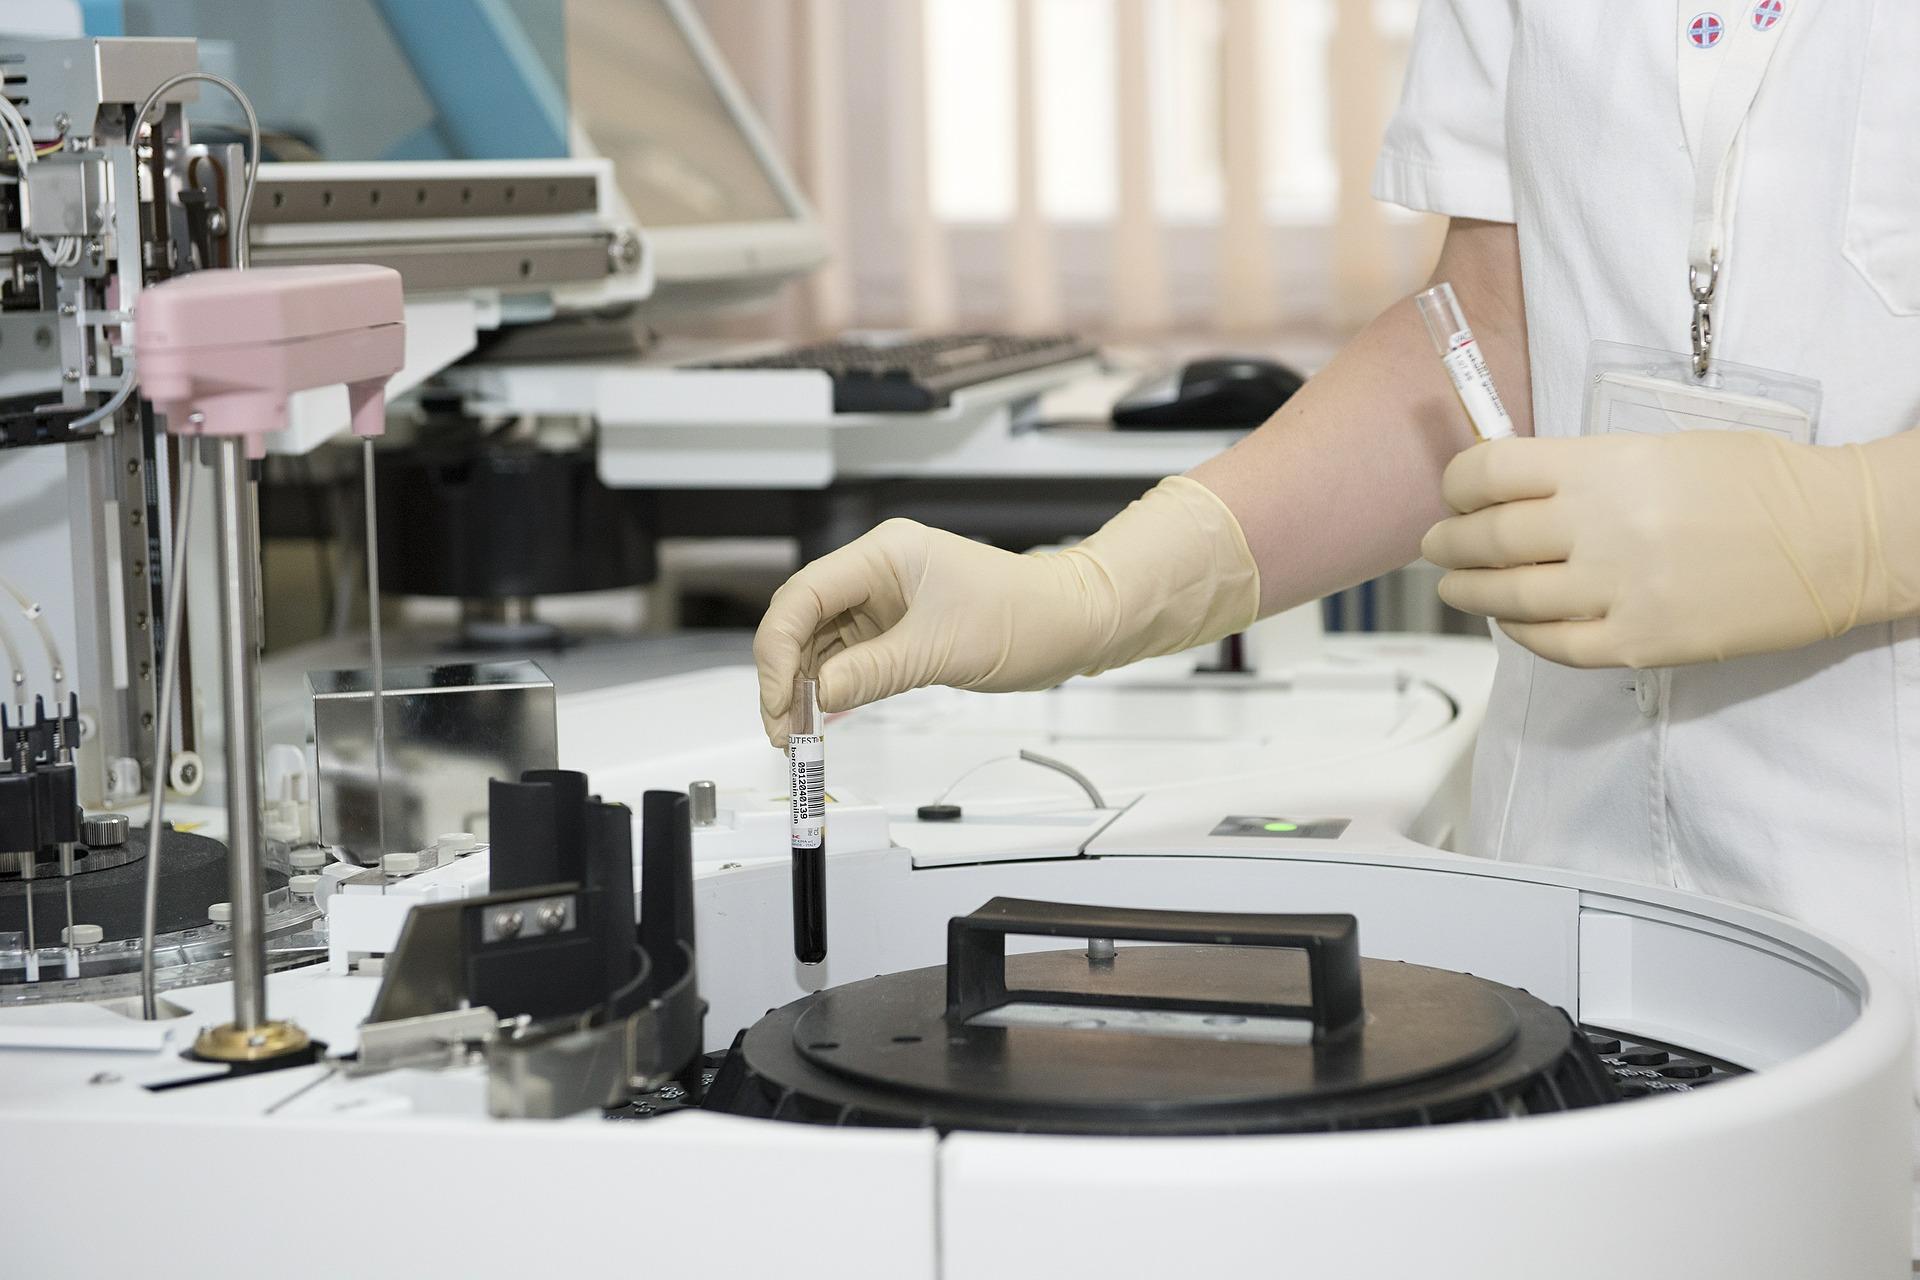 Forskning om läkemedel i Sverige